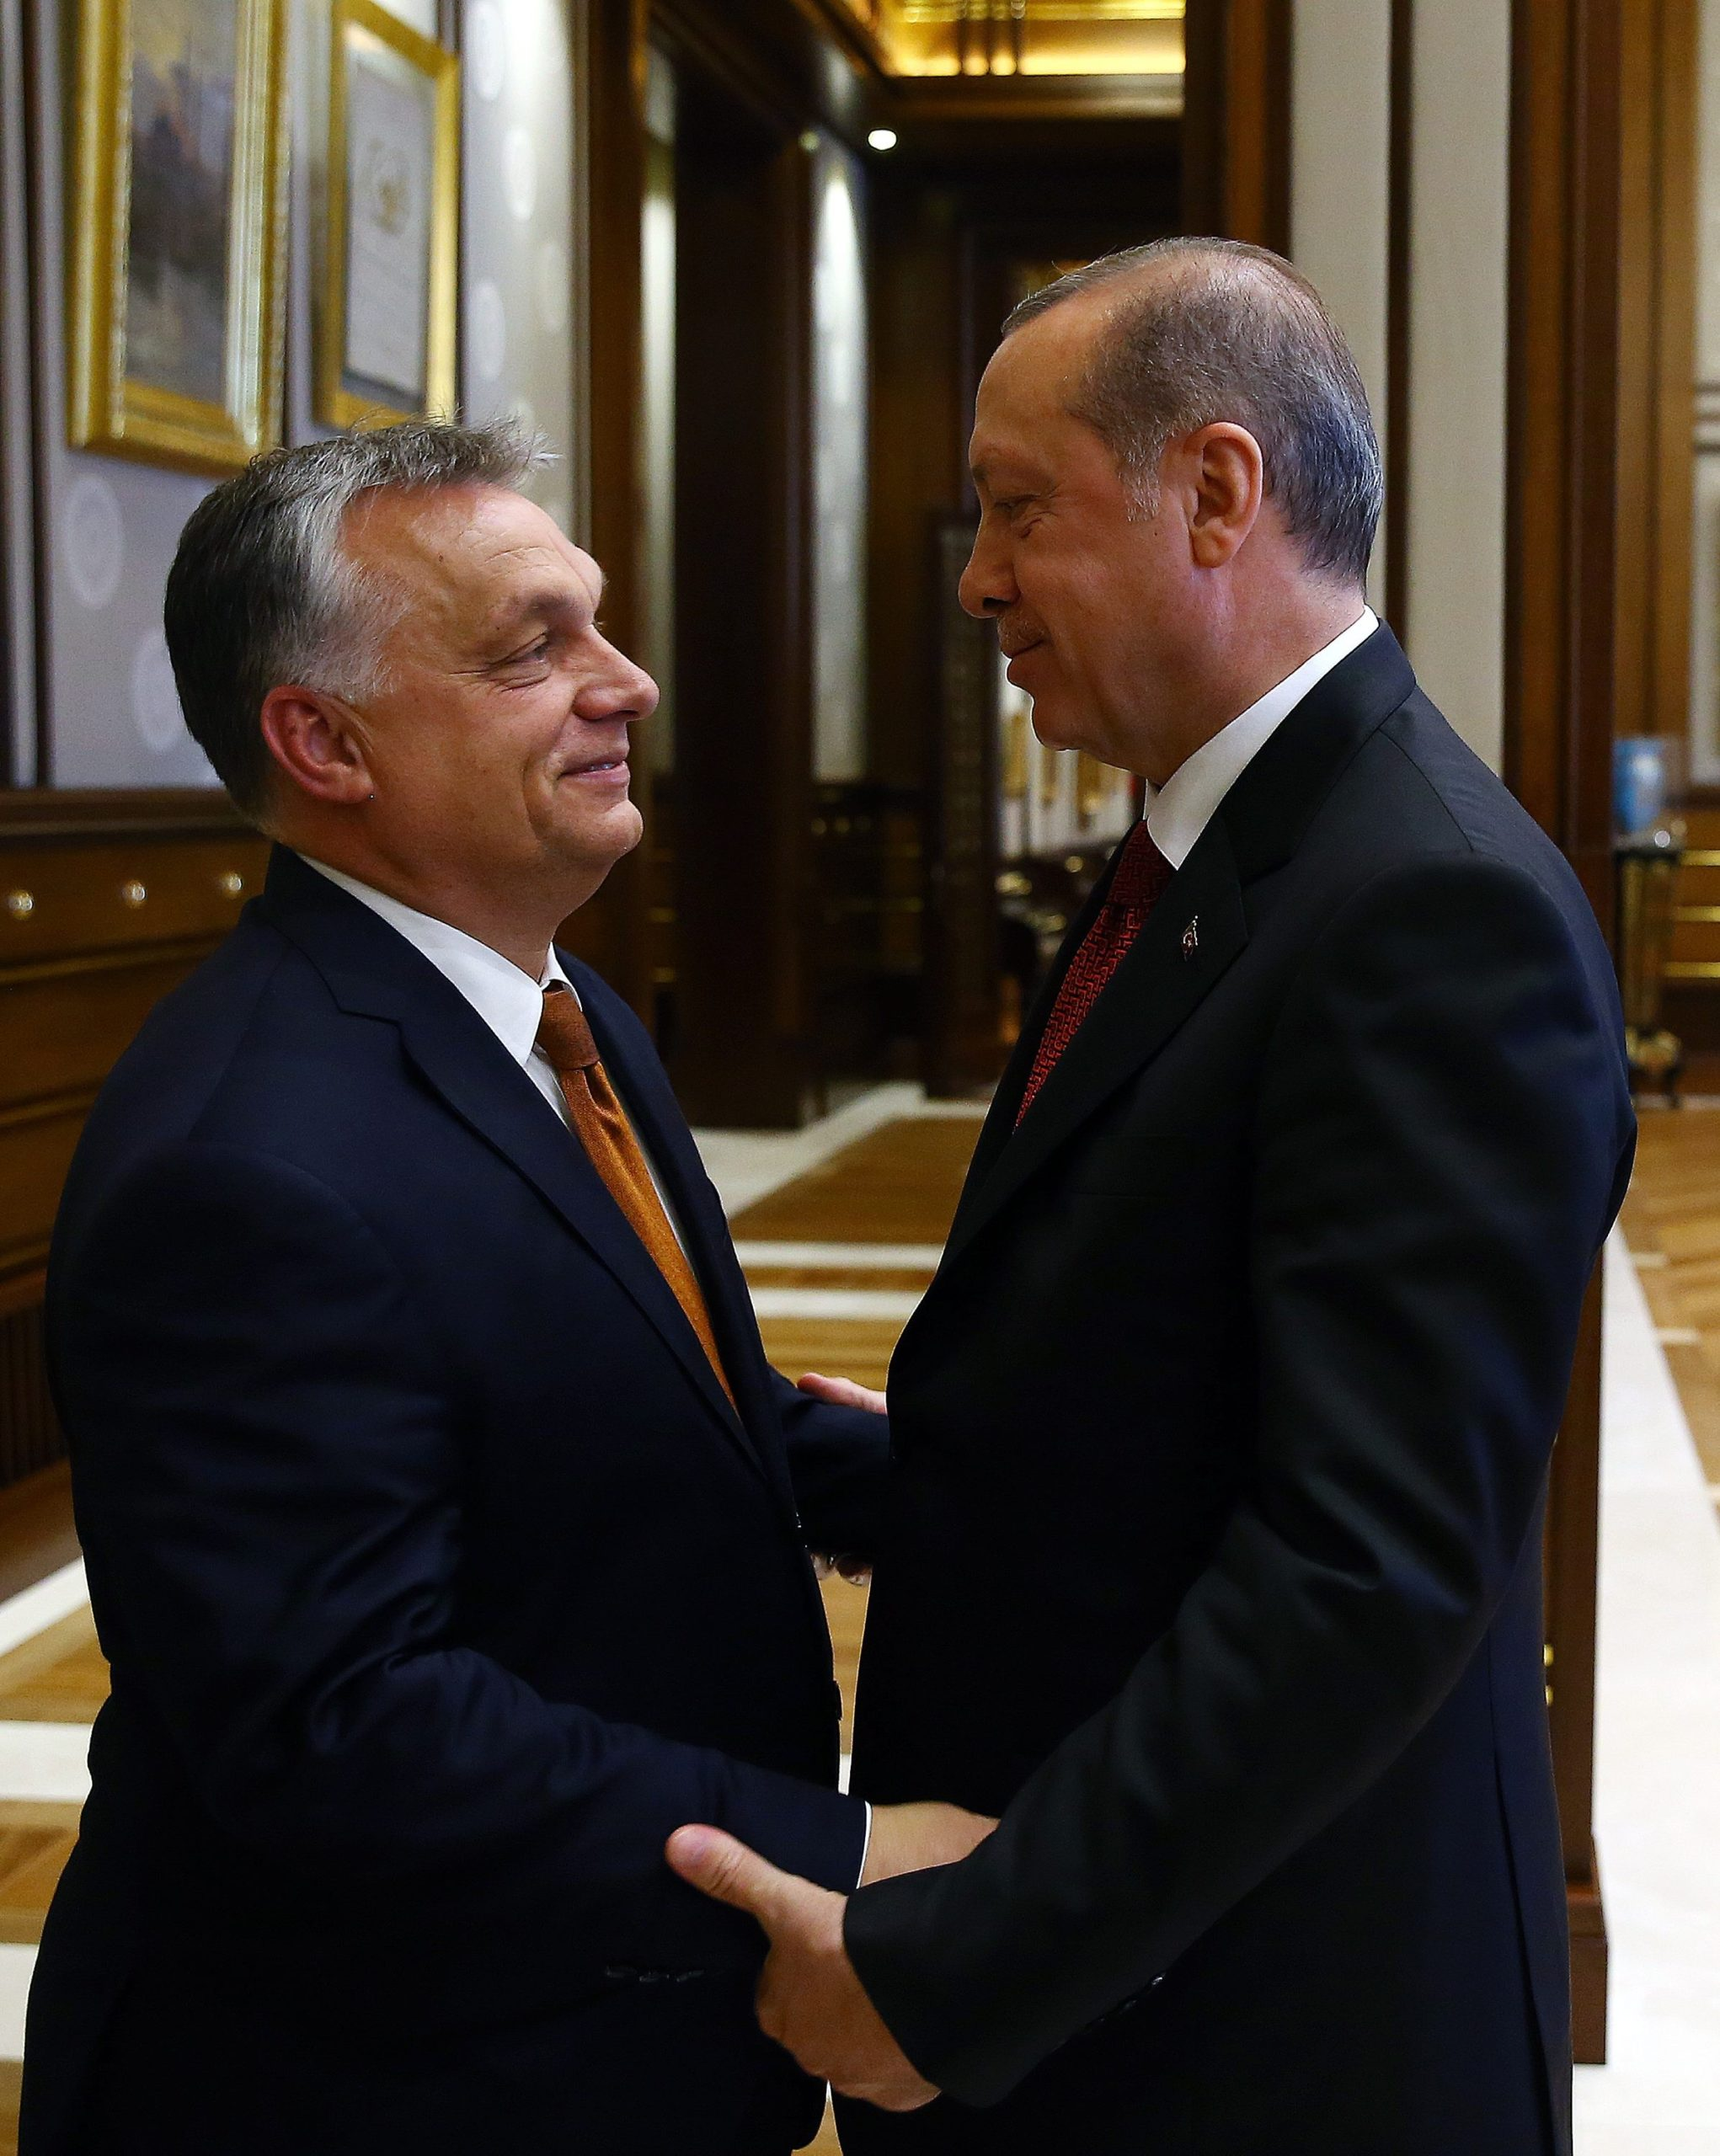 Unkarin pääministeri Viktor Orbán on tukenut Turkin presidenttiä Recep Tayyip Erdoğania jo pitkään. Orbán oli yksi harvoista EU-johtajista, joka osallistui Erdoğanin virkaanastujaisiin vuoden 2018 uudelleenvalinnan jälkeen. Myös Erdoğan on kiittänyt Orbánia tuestaan maailmannäyttämöllä. Kuva: Stella Pictures/All Over Press